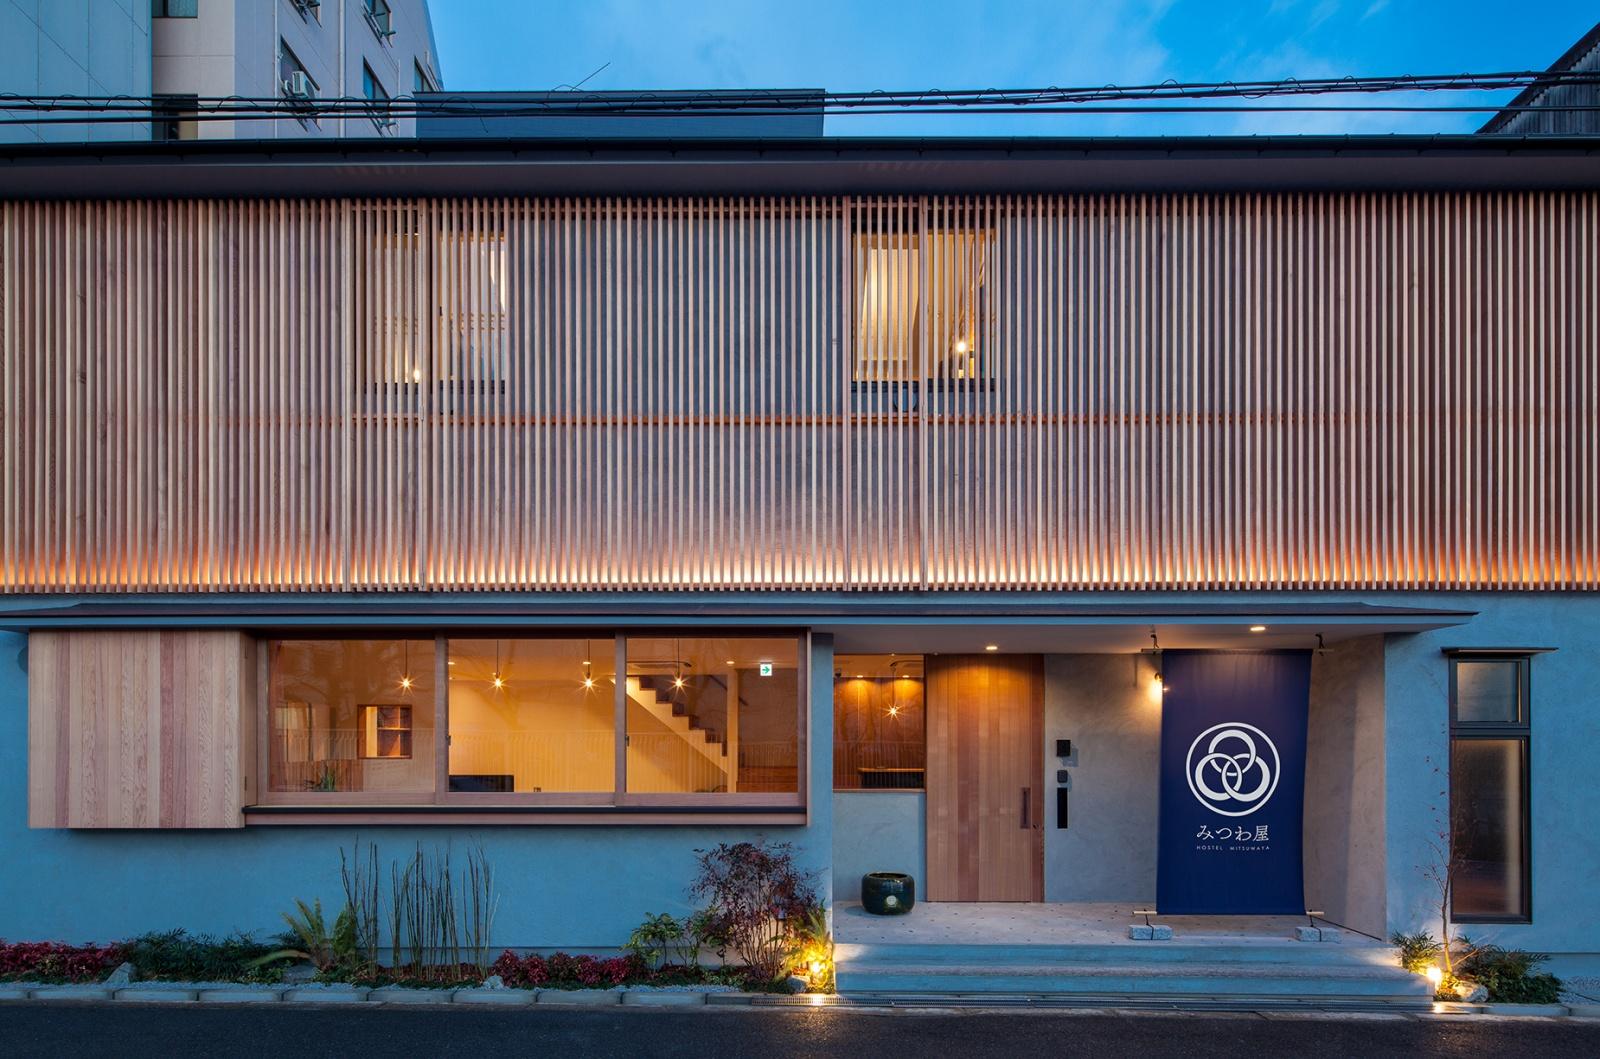 「オオサカの町家」を仮想しデザインされた木造ホステル